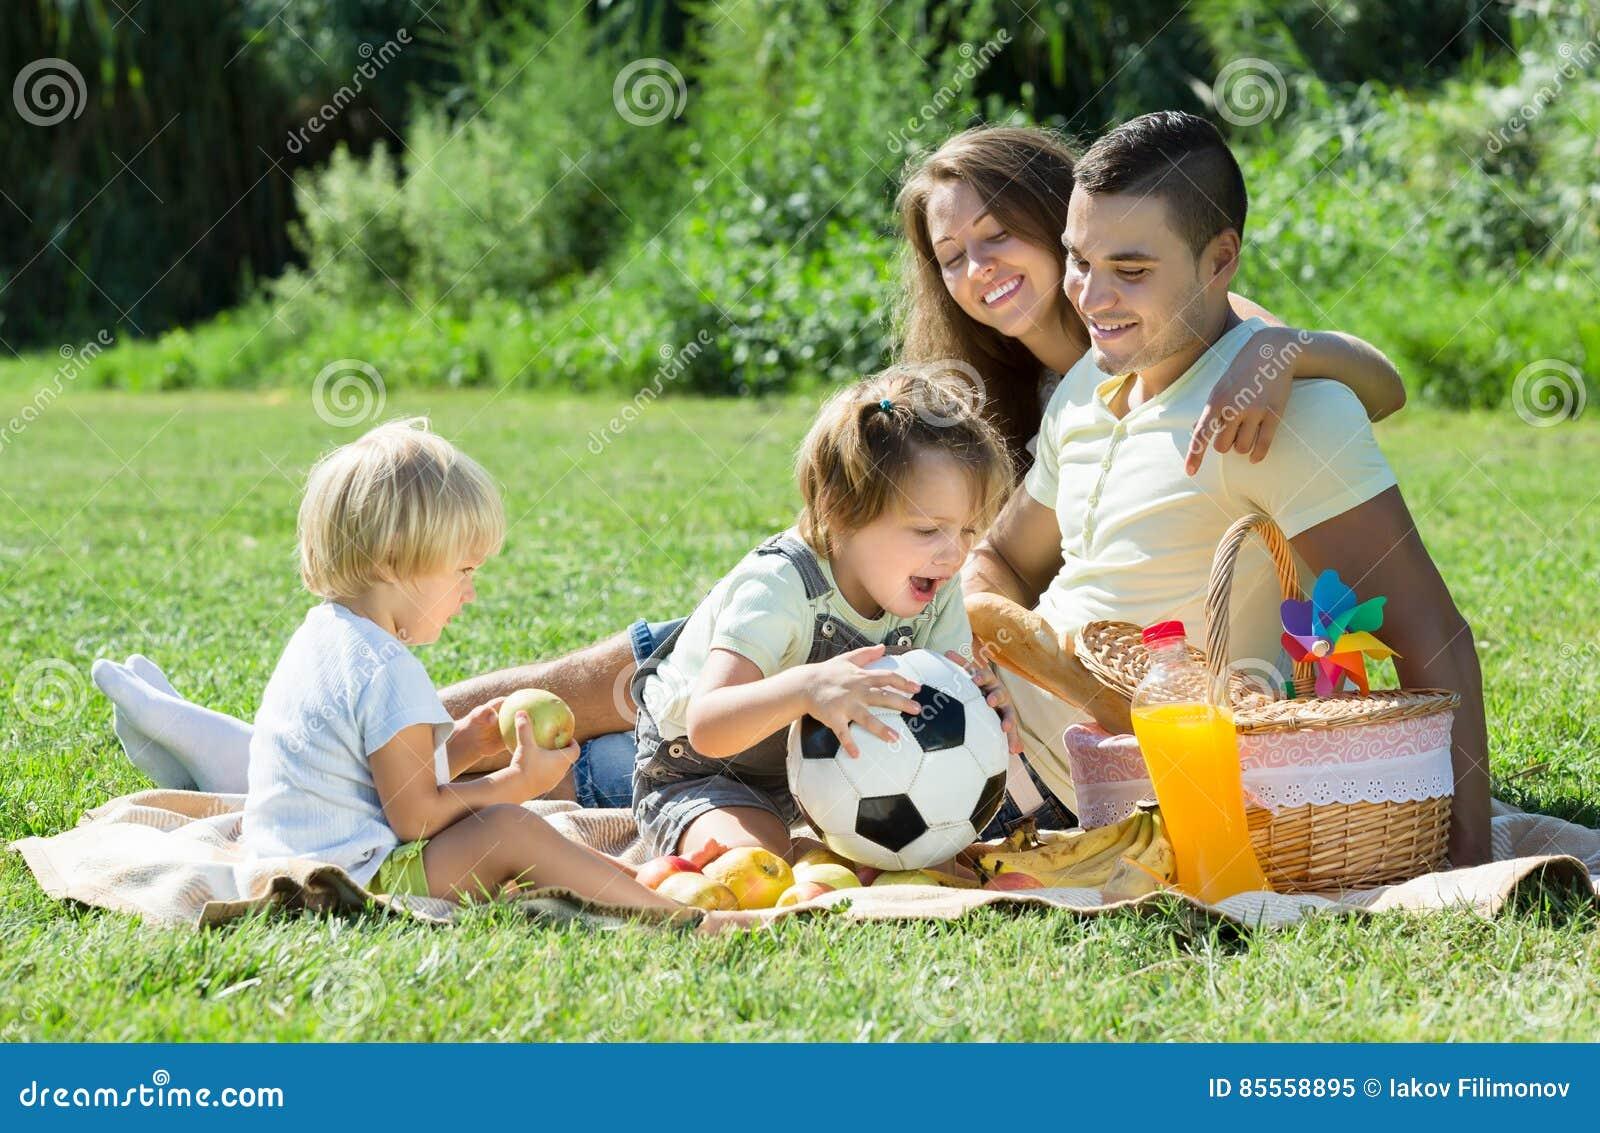 Vierköpfige Familie, die Picknick hat